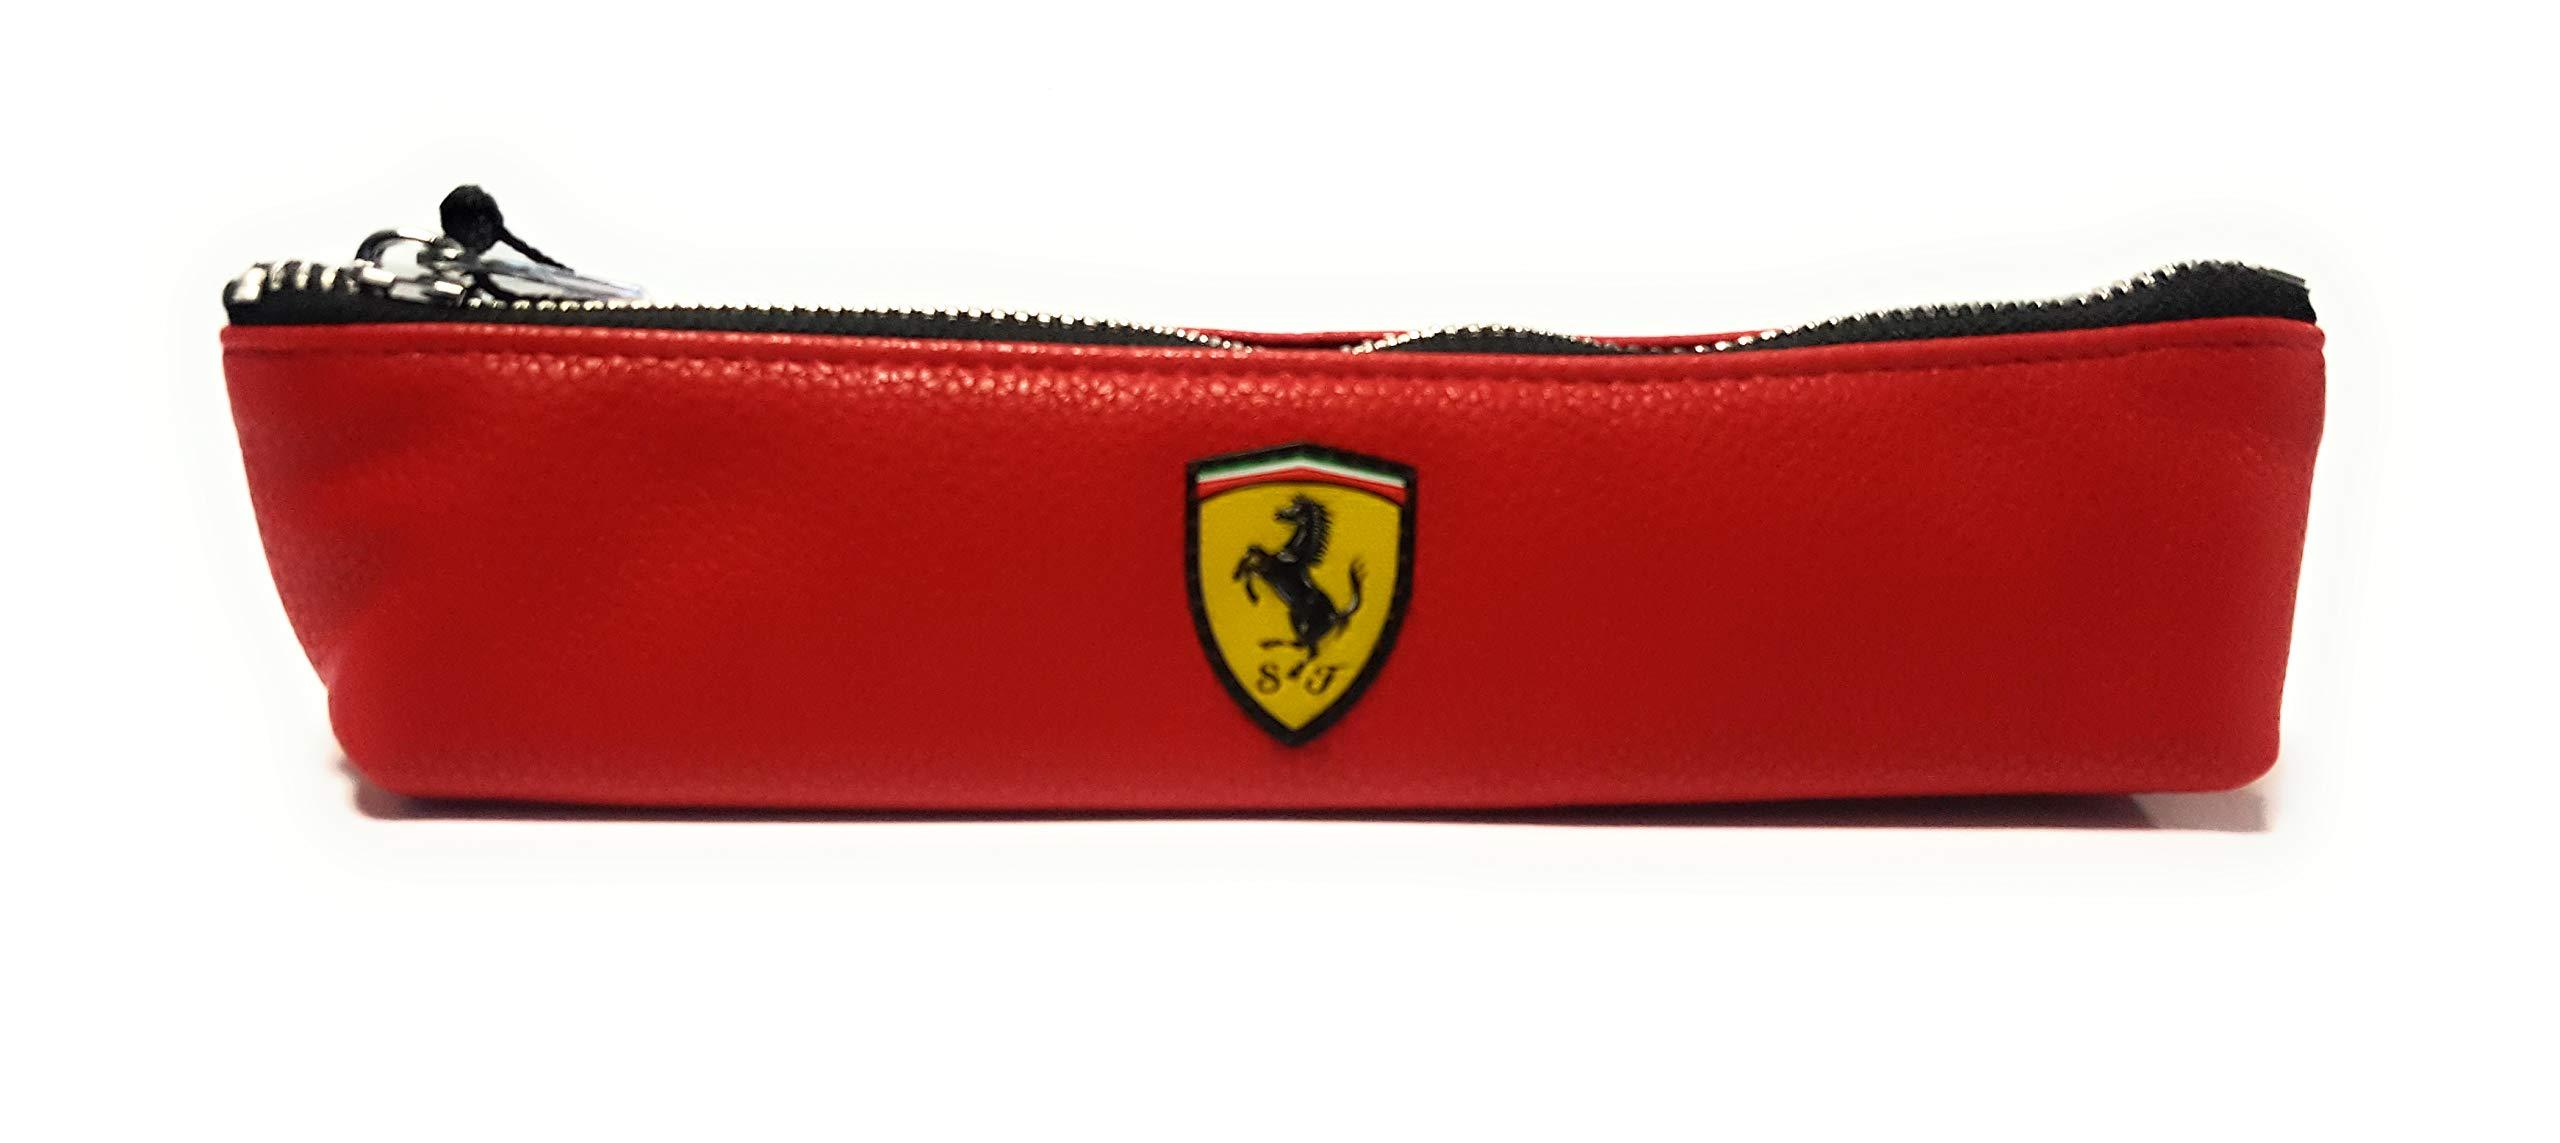 Estuche Ferrari Rojo Piel sintética: Amazon.es: Oficina y papelería